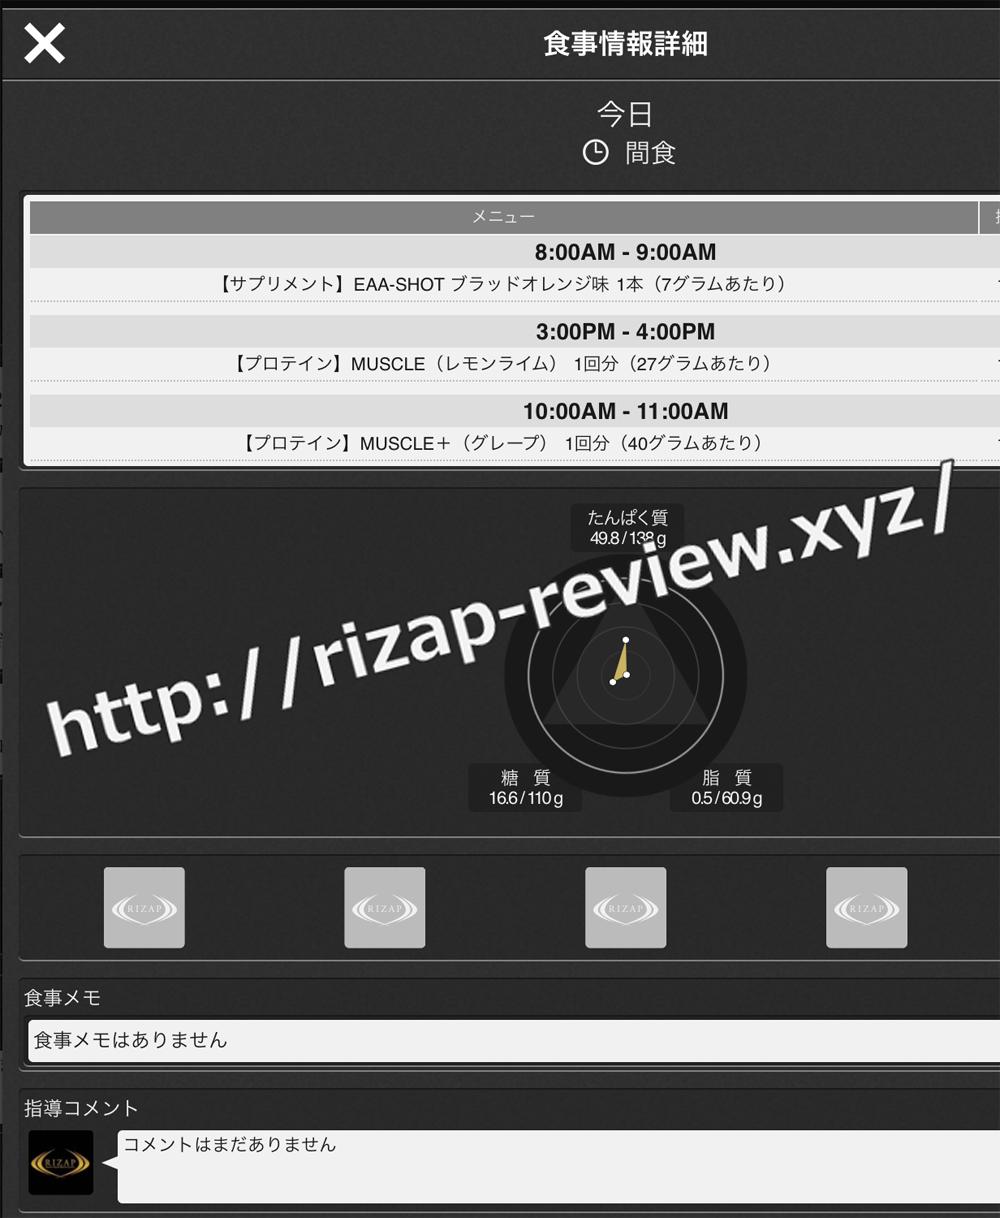 2018.11.14(水)ライザップ流の間食